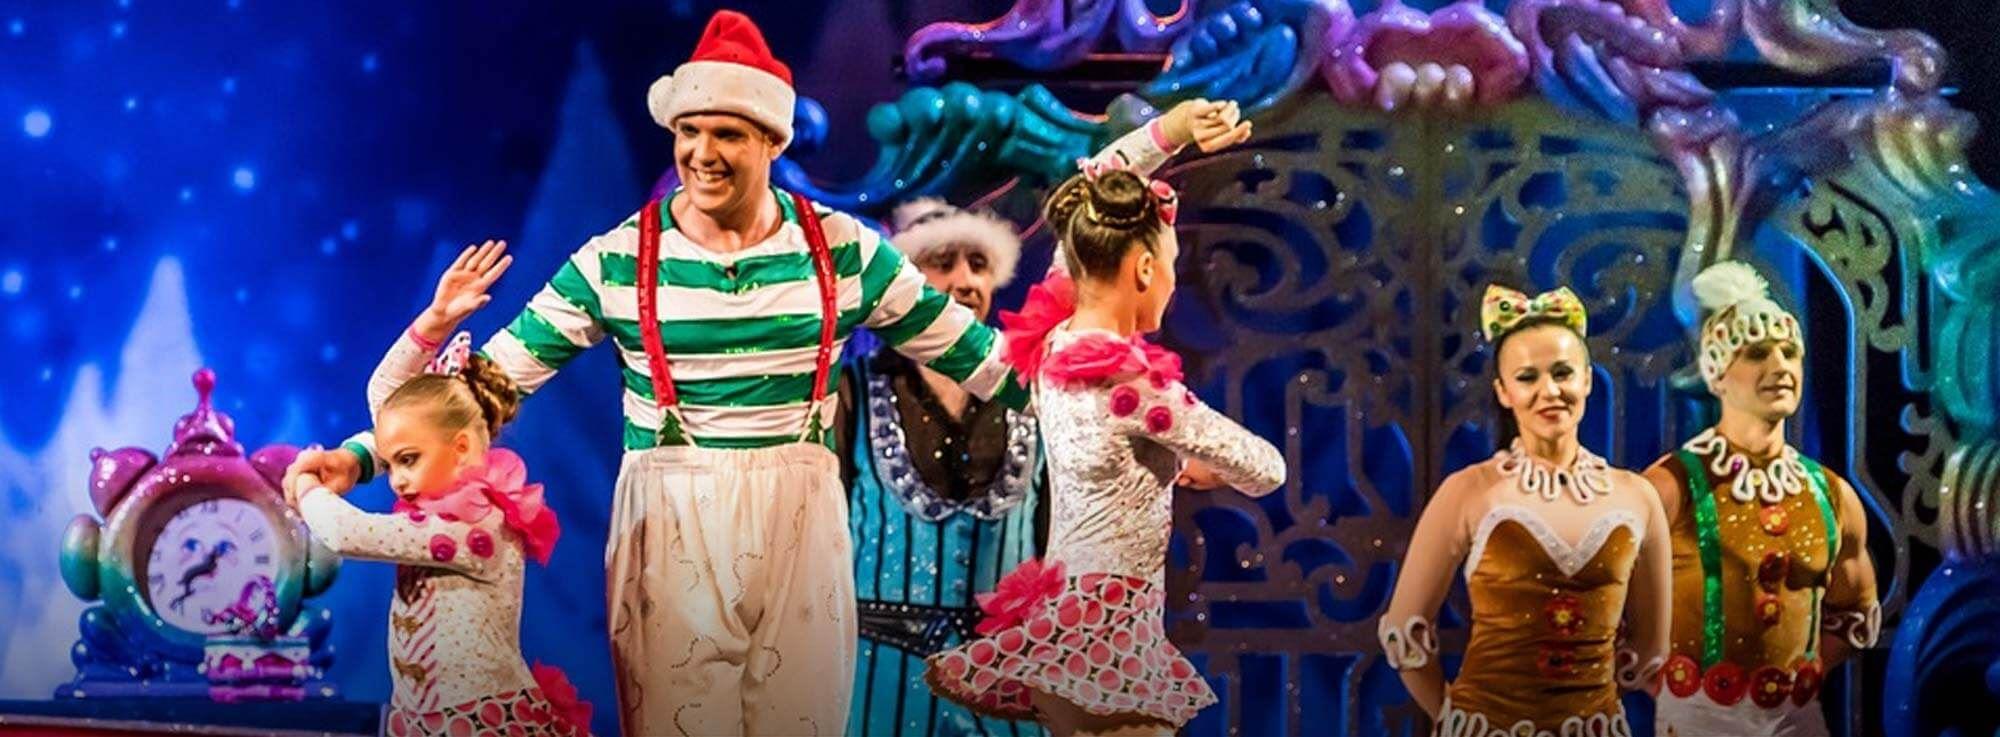 Cisternino: Smile Circus - Christmas Edition